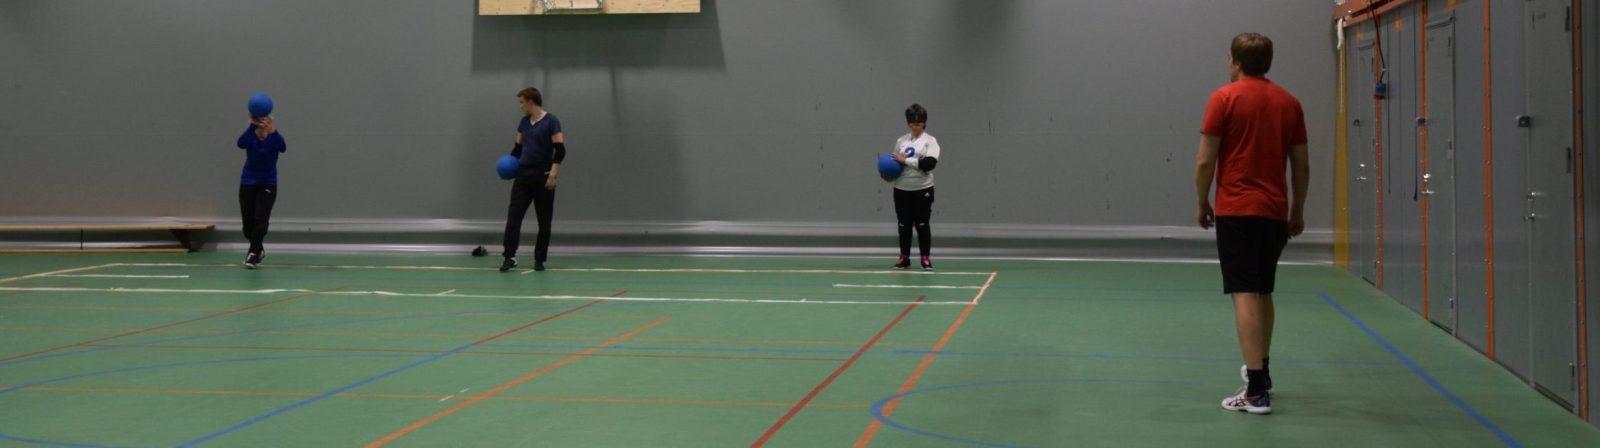 Harjoituskuva jossa pelaajat maaliviivalla rivissä vasemmalta oikealle Eemi, Leo, Azra. Jokaisella pallo kourassa. Kentän laidalla Markus valmentamassa heittäjiä.